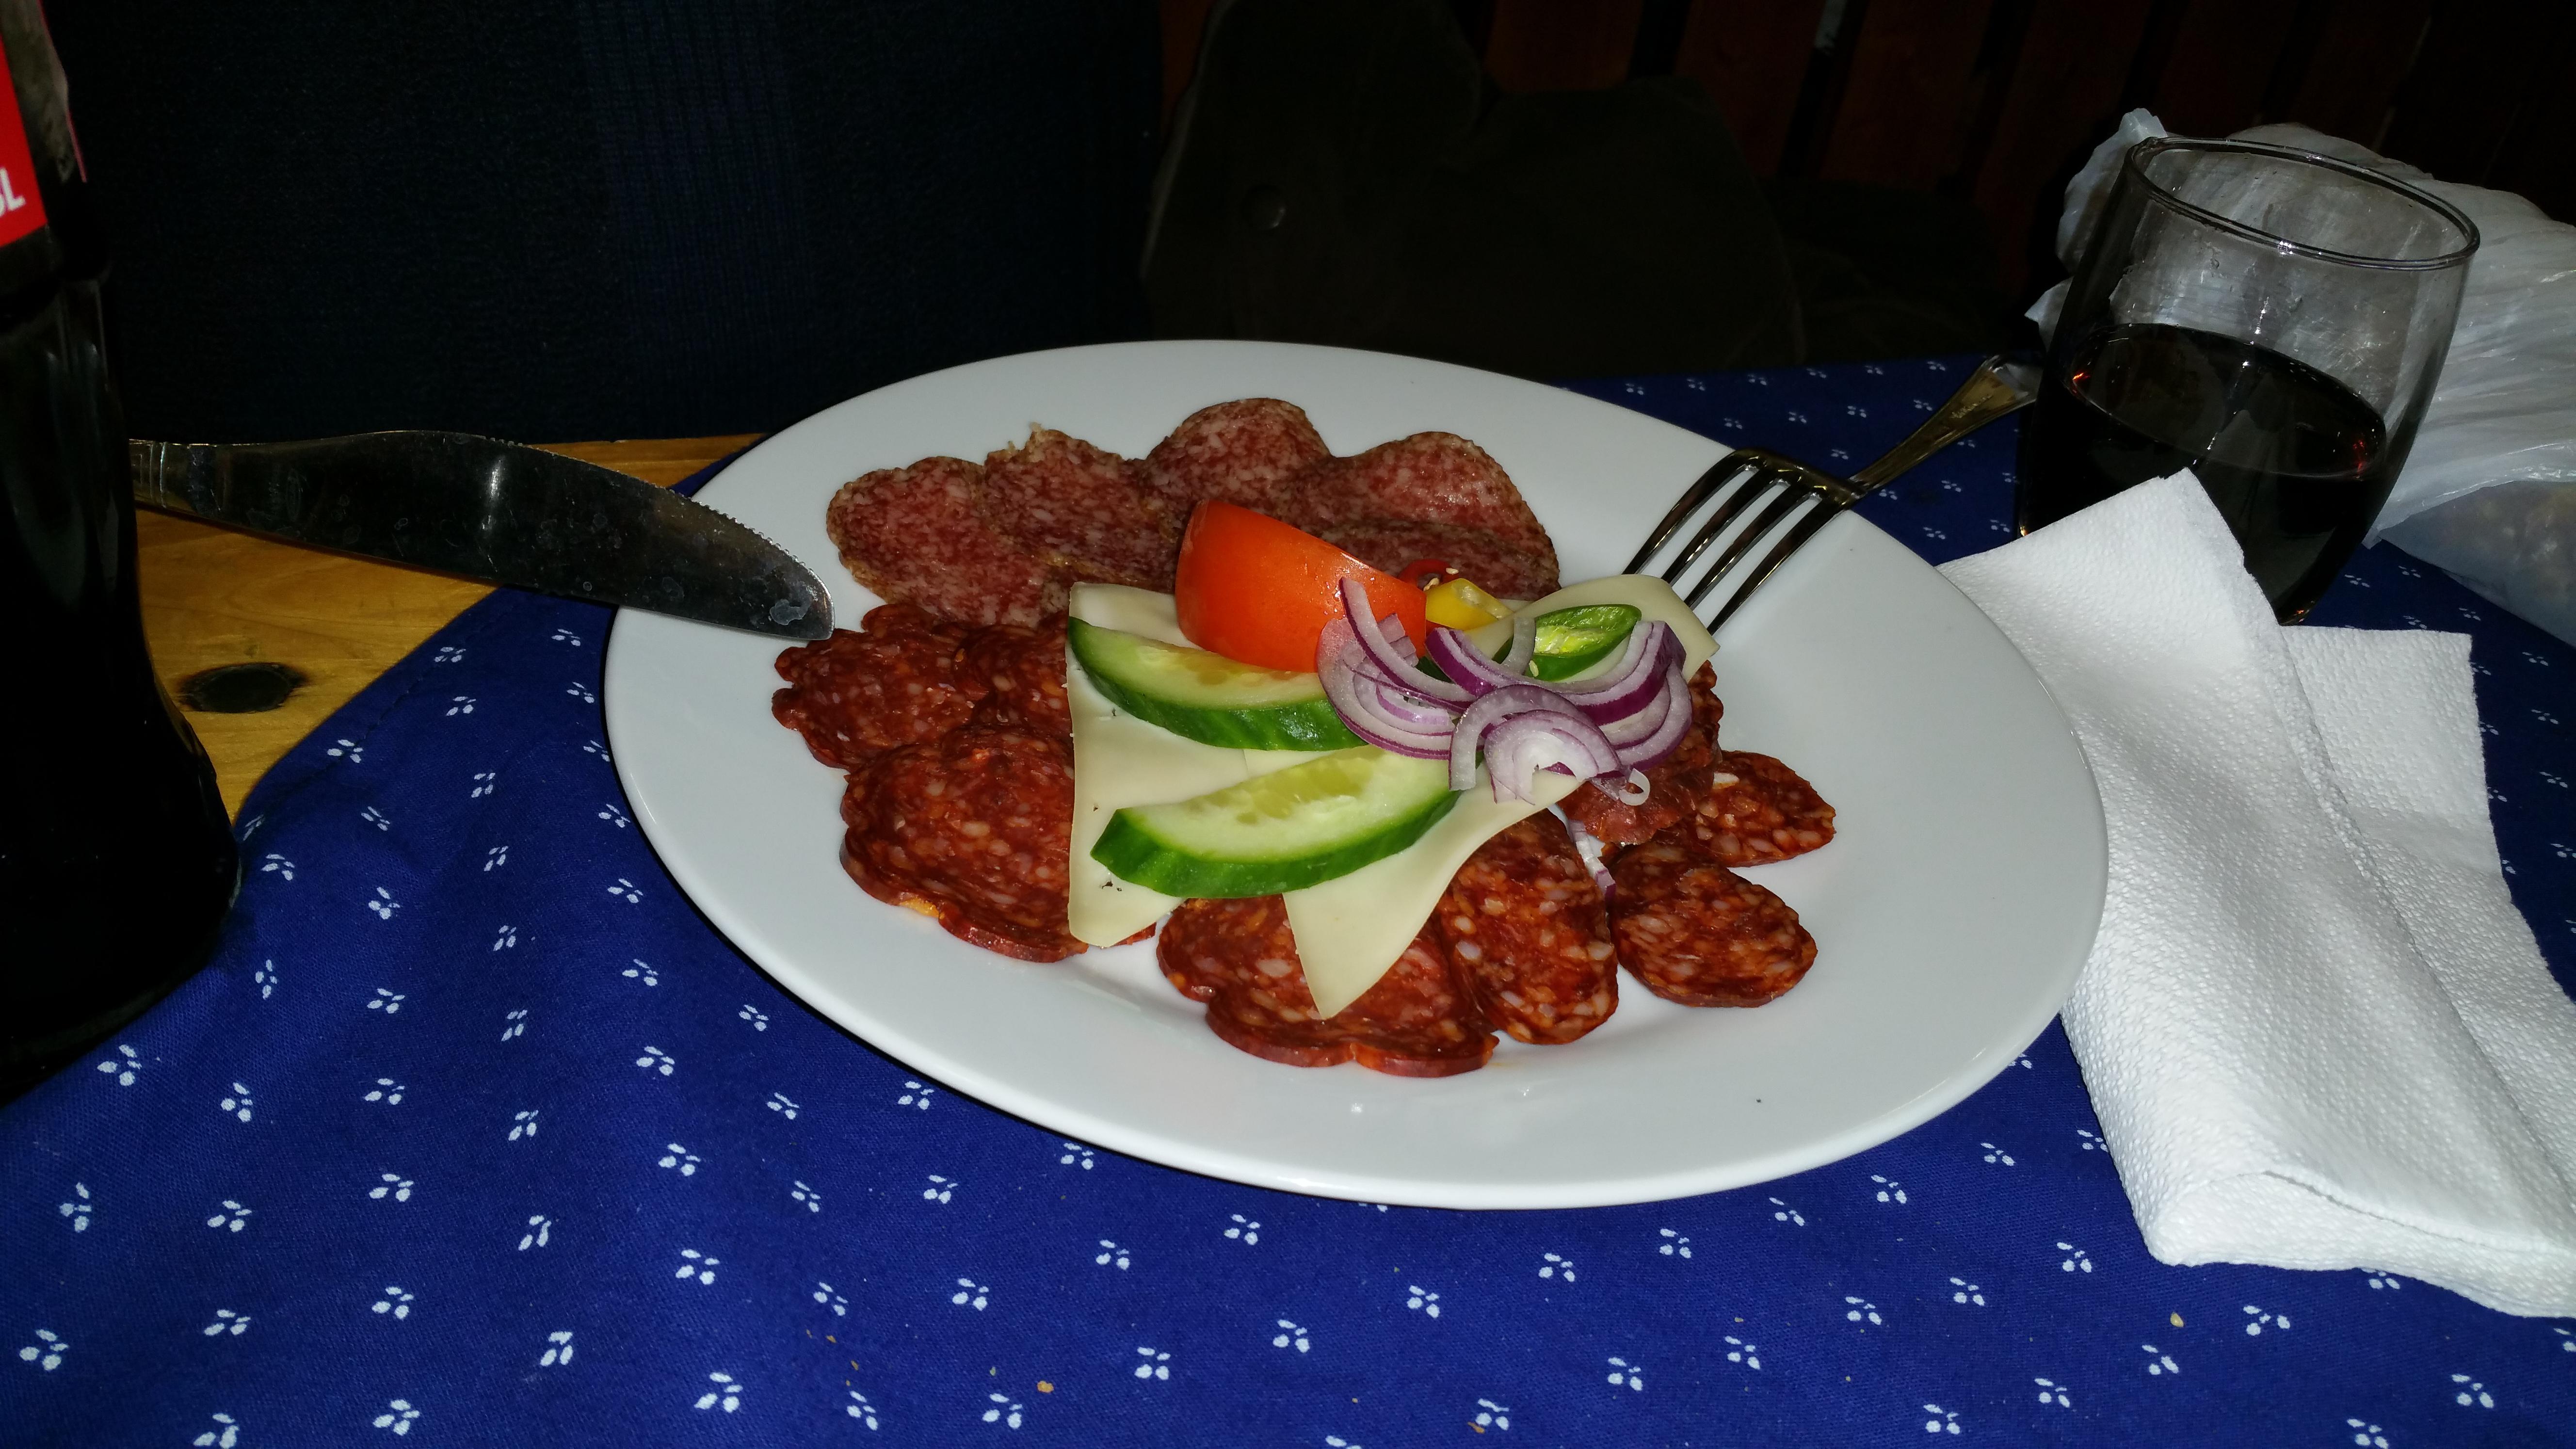 Impression von der Grünen Woche - Ungarische Wurstplatte - sehr lecker